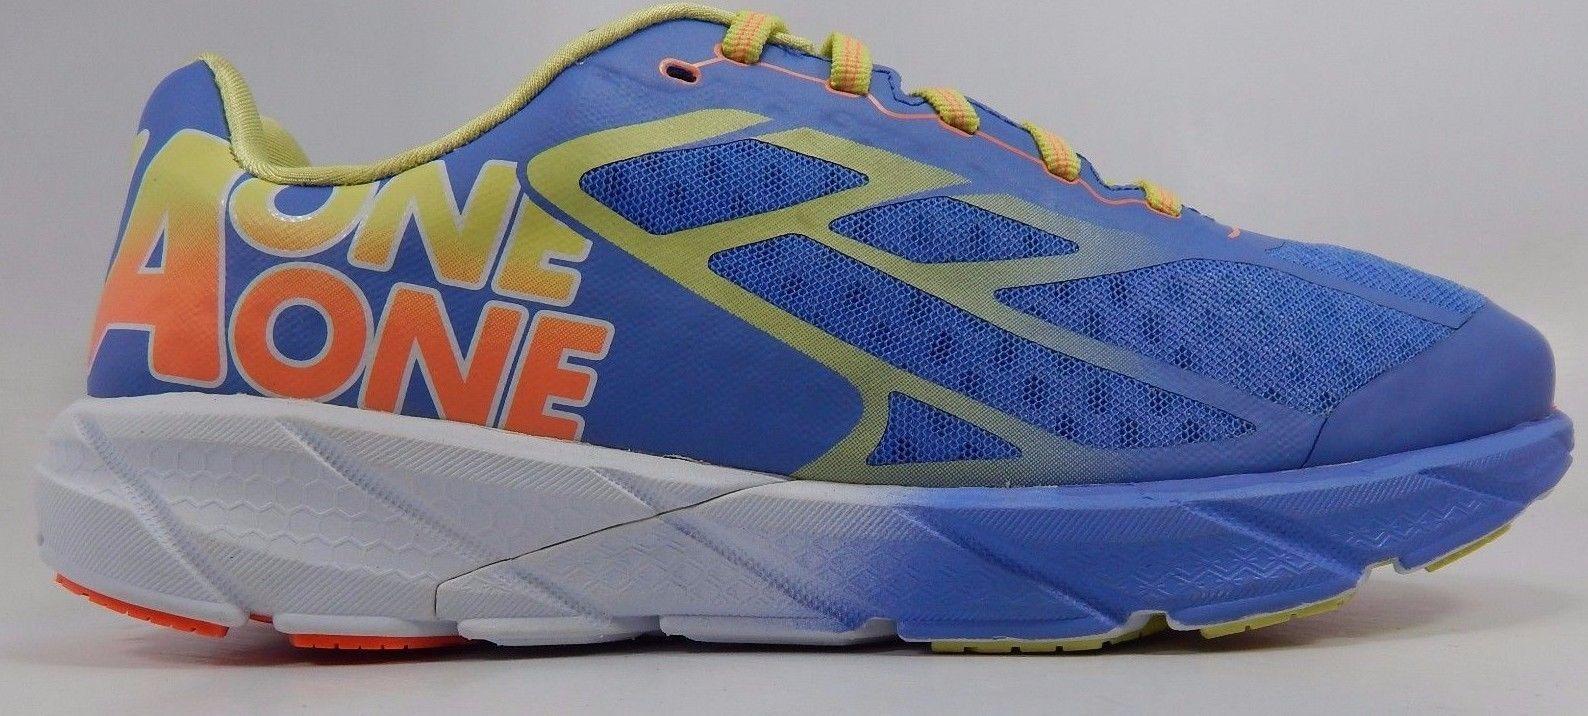 Hoka One One Tracer Women's Running Shoes Size 10 M (B) EU 42 2/3 Purple Yellow